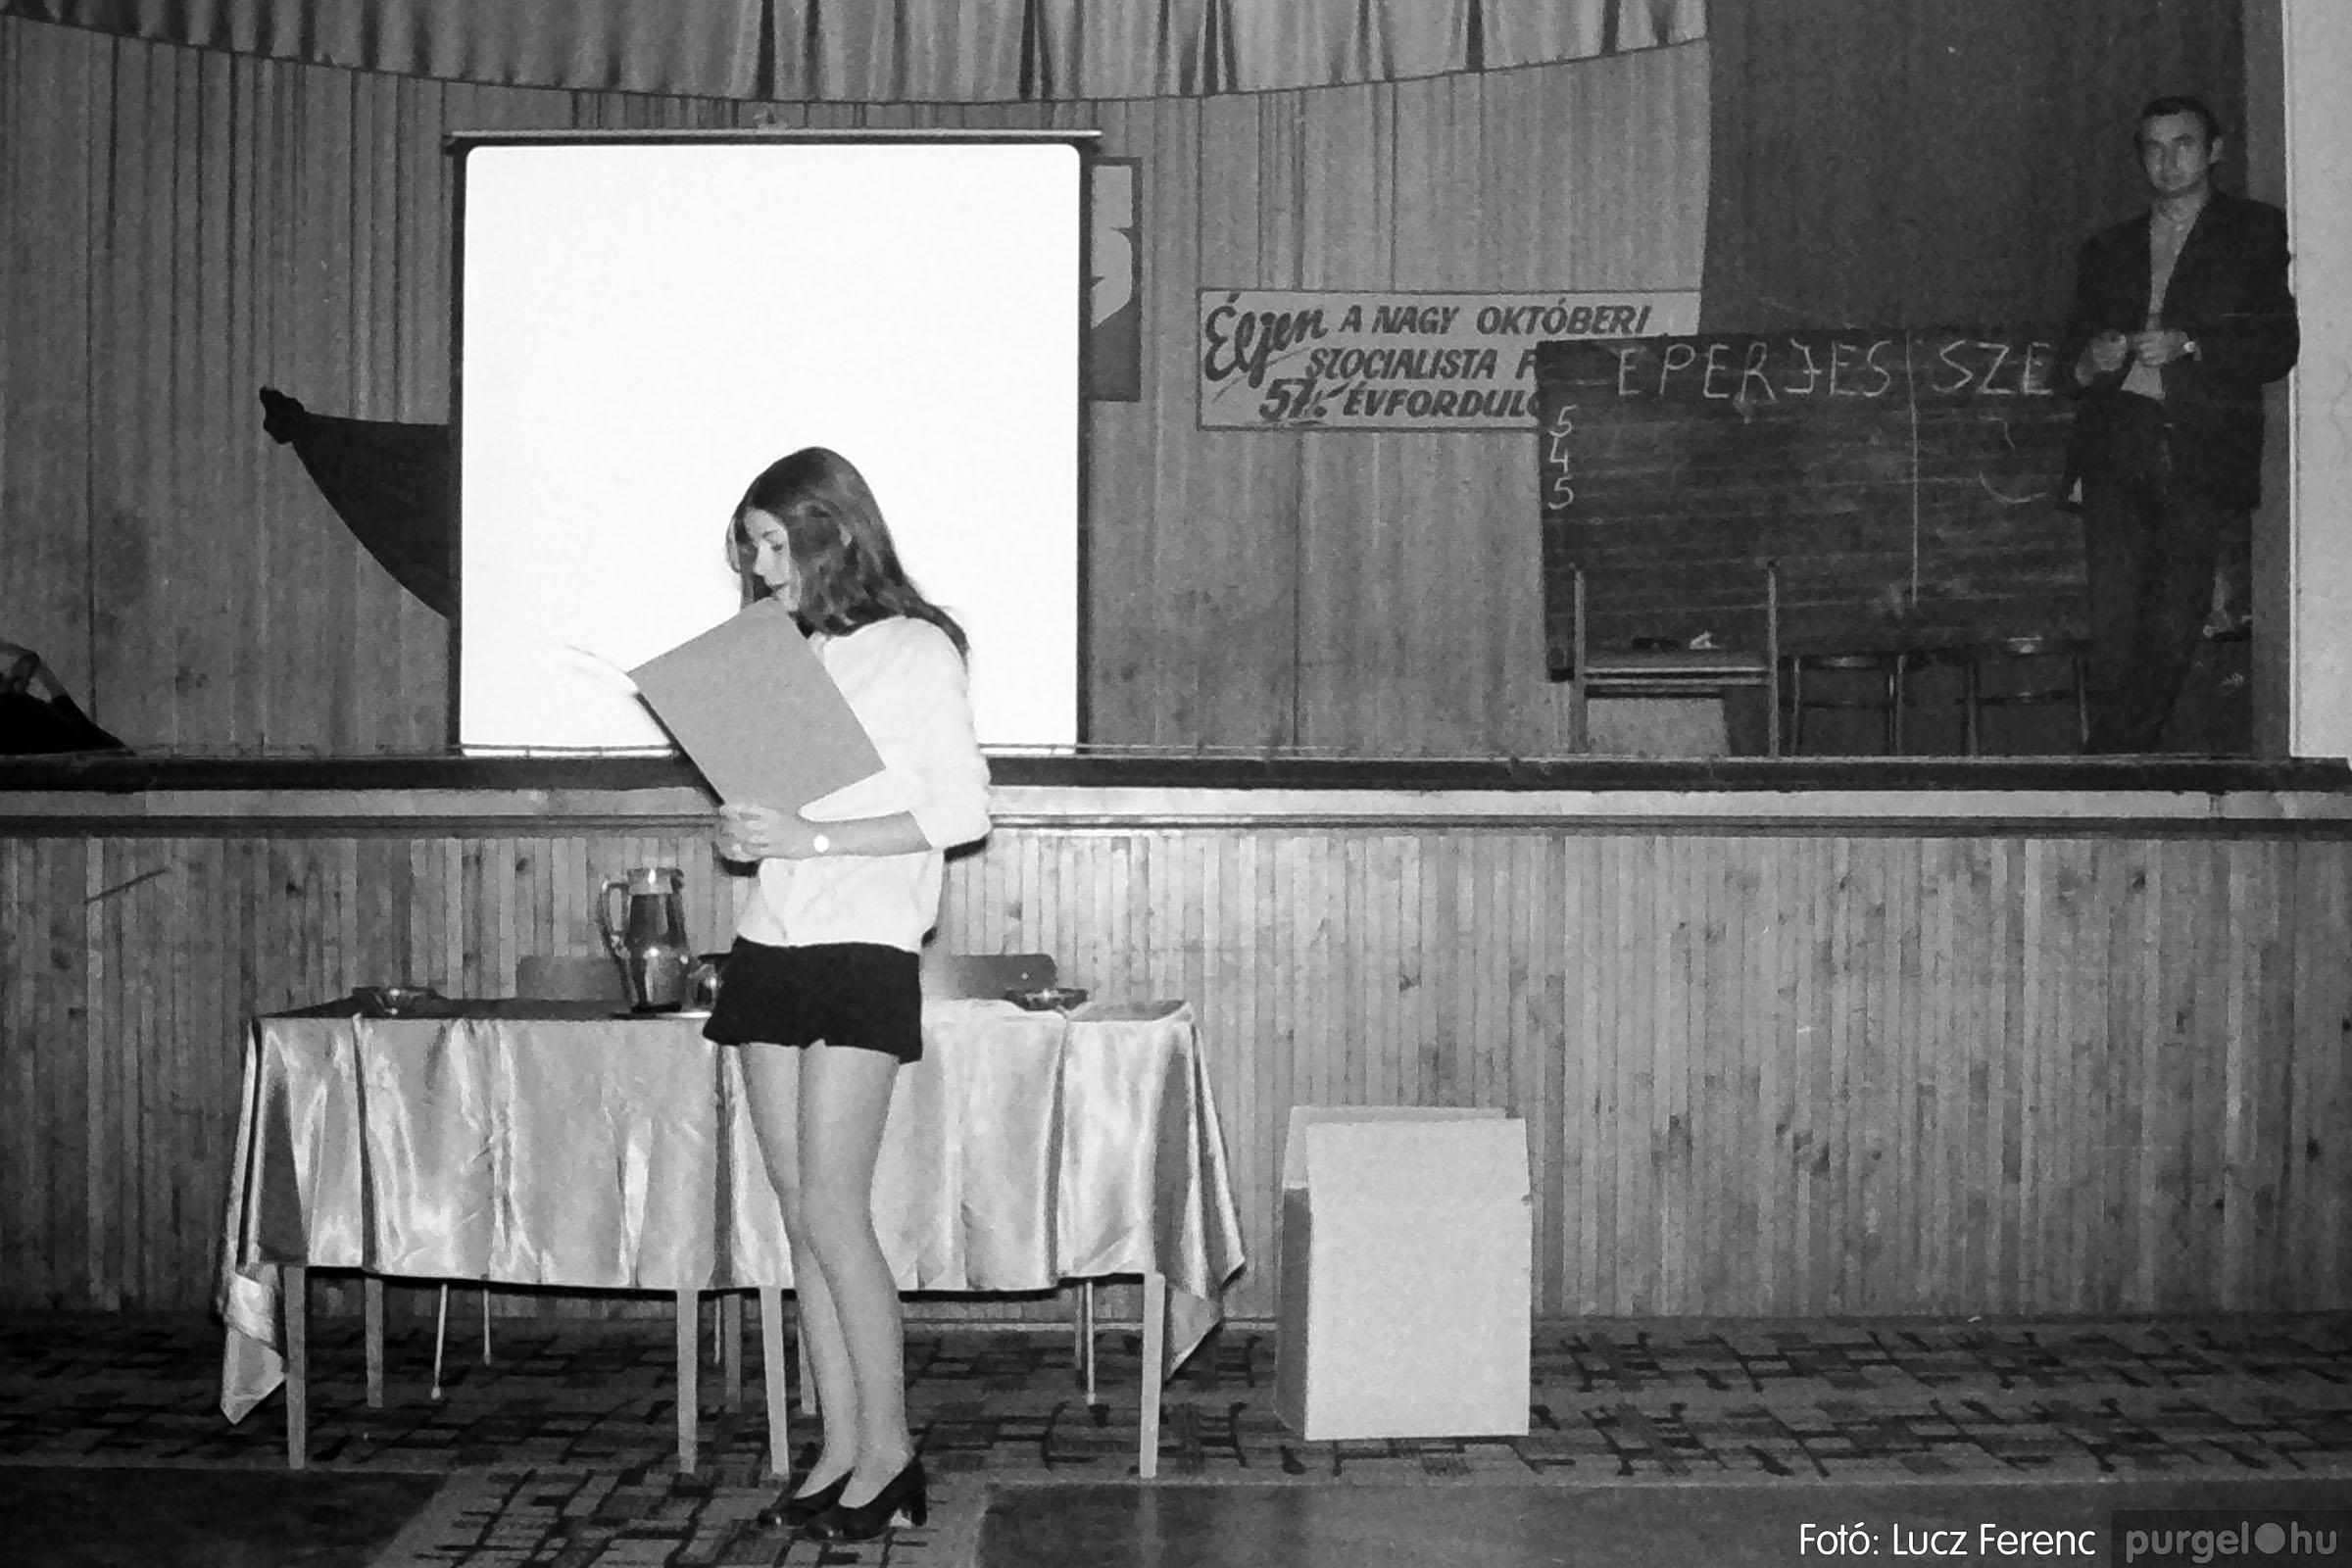 004A 1970-es évek - Kendergyári dolgozók vetélkedője 003 - Fotó: Lucz Ferenc IMG00083q.jpg